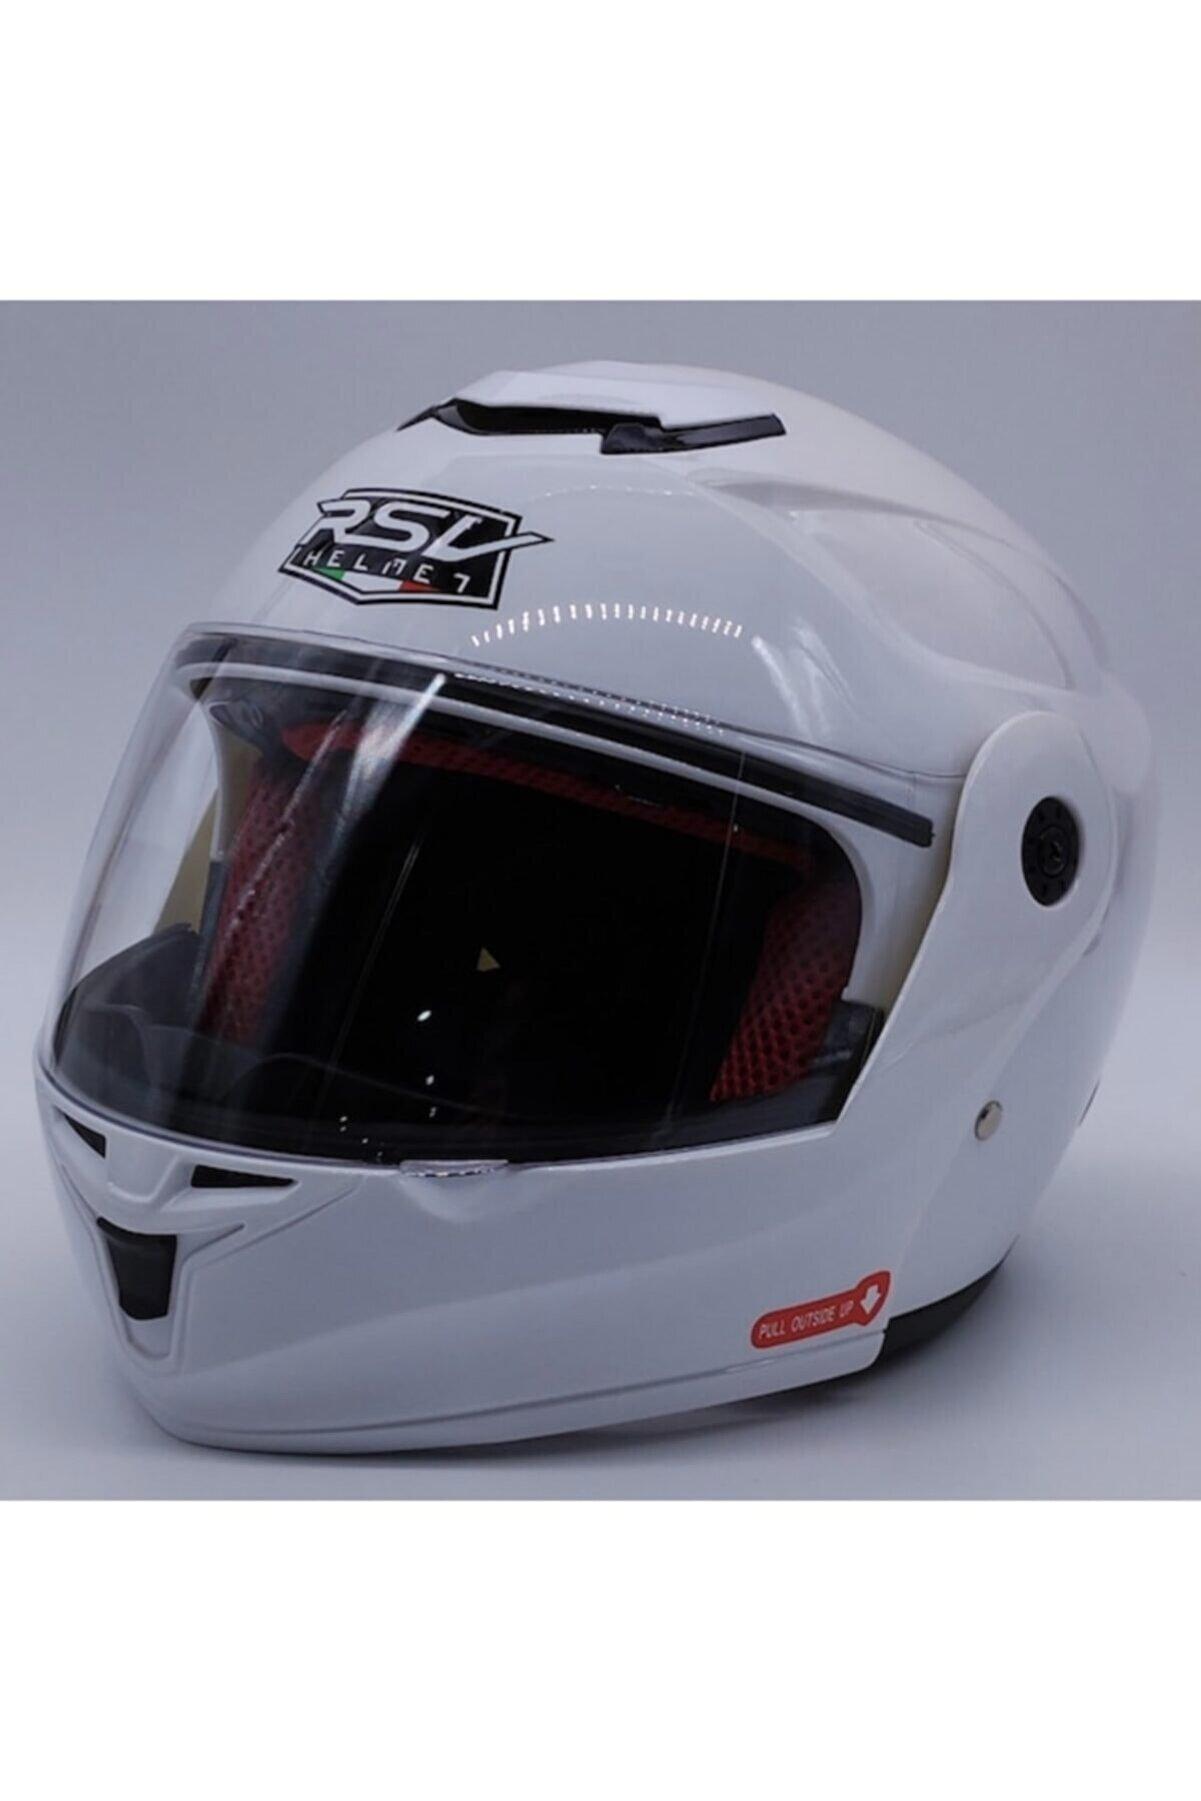 RSV 960 Çene Açılır - Güneş Gözlüklü Motorsiklet Kaskı